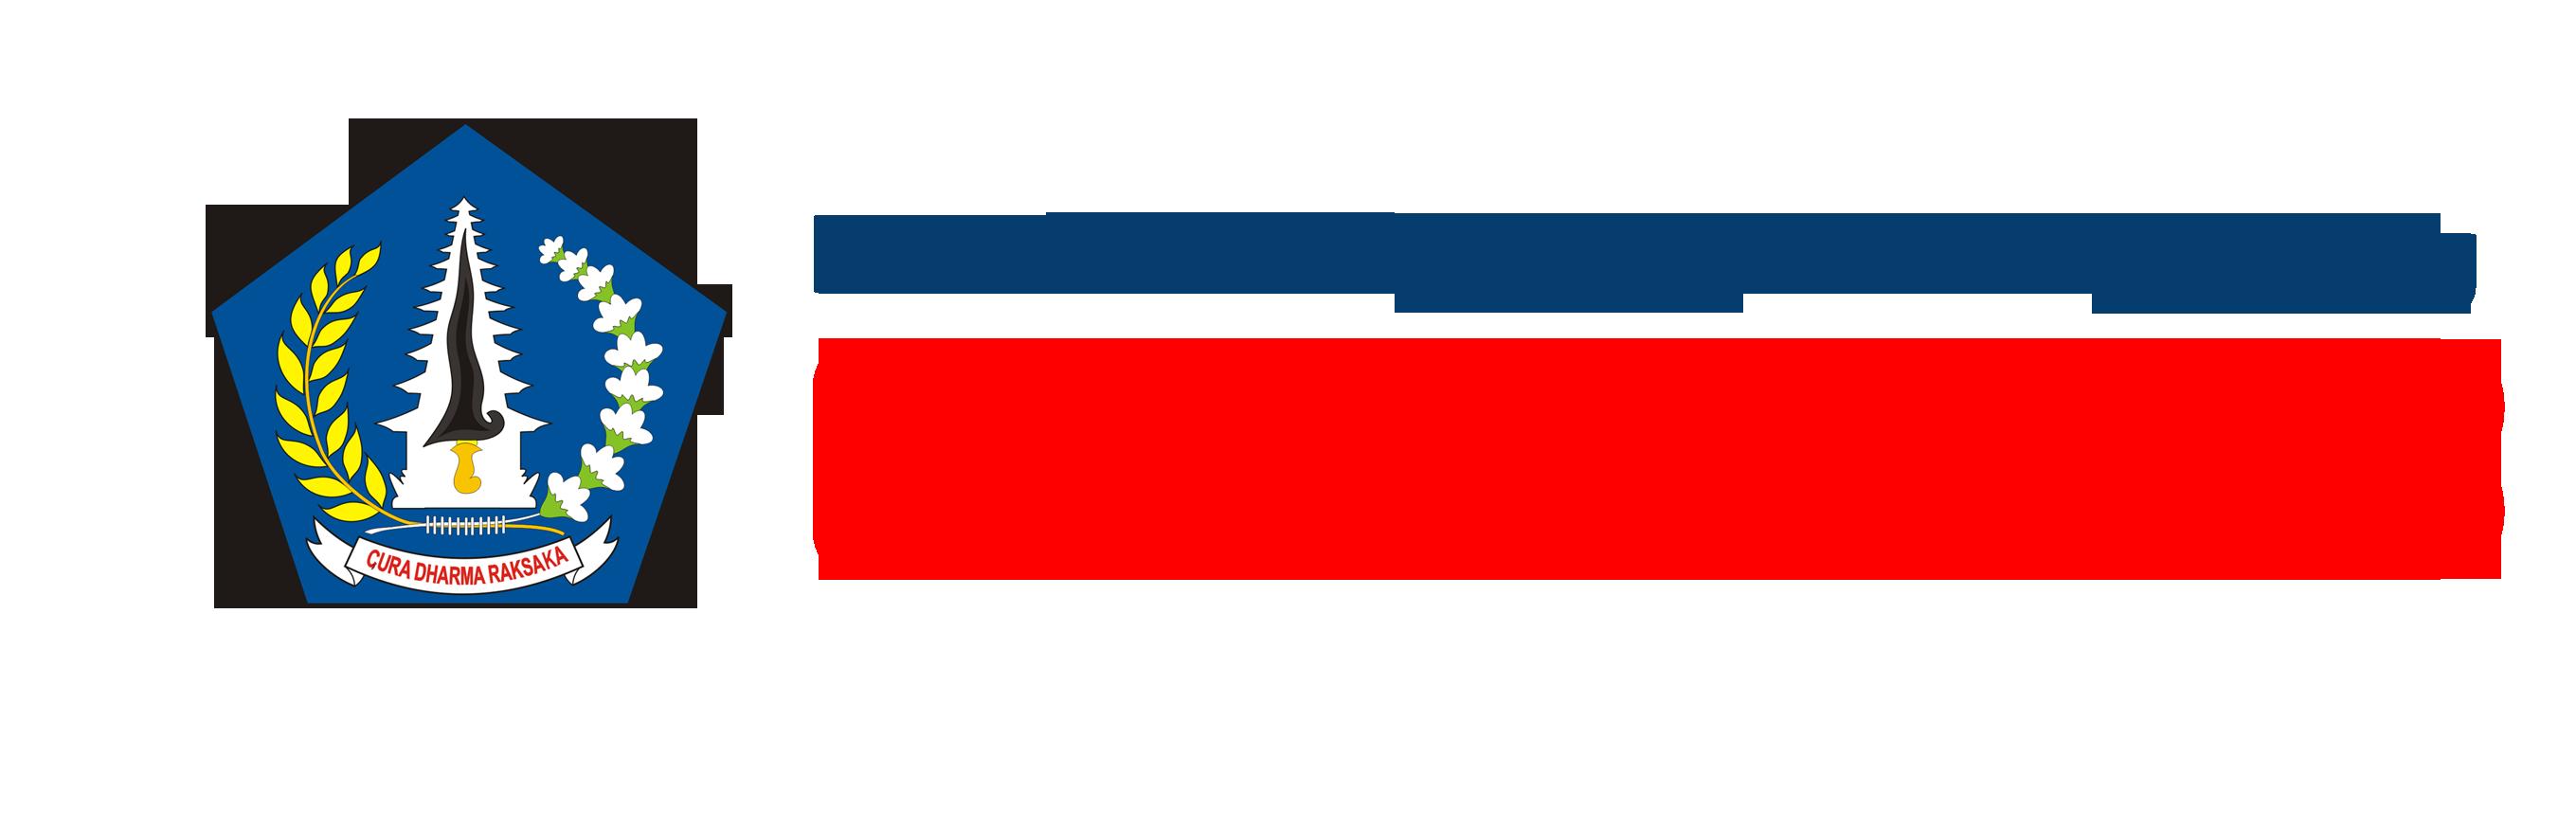 Website Resmi Badung